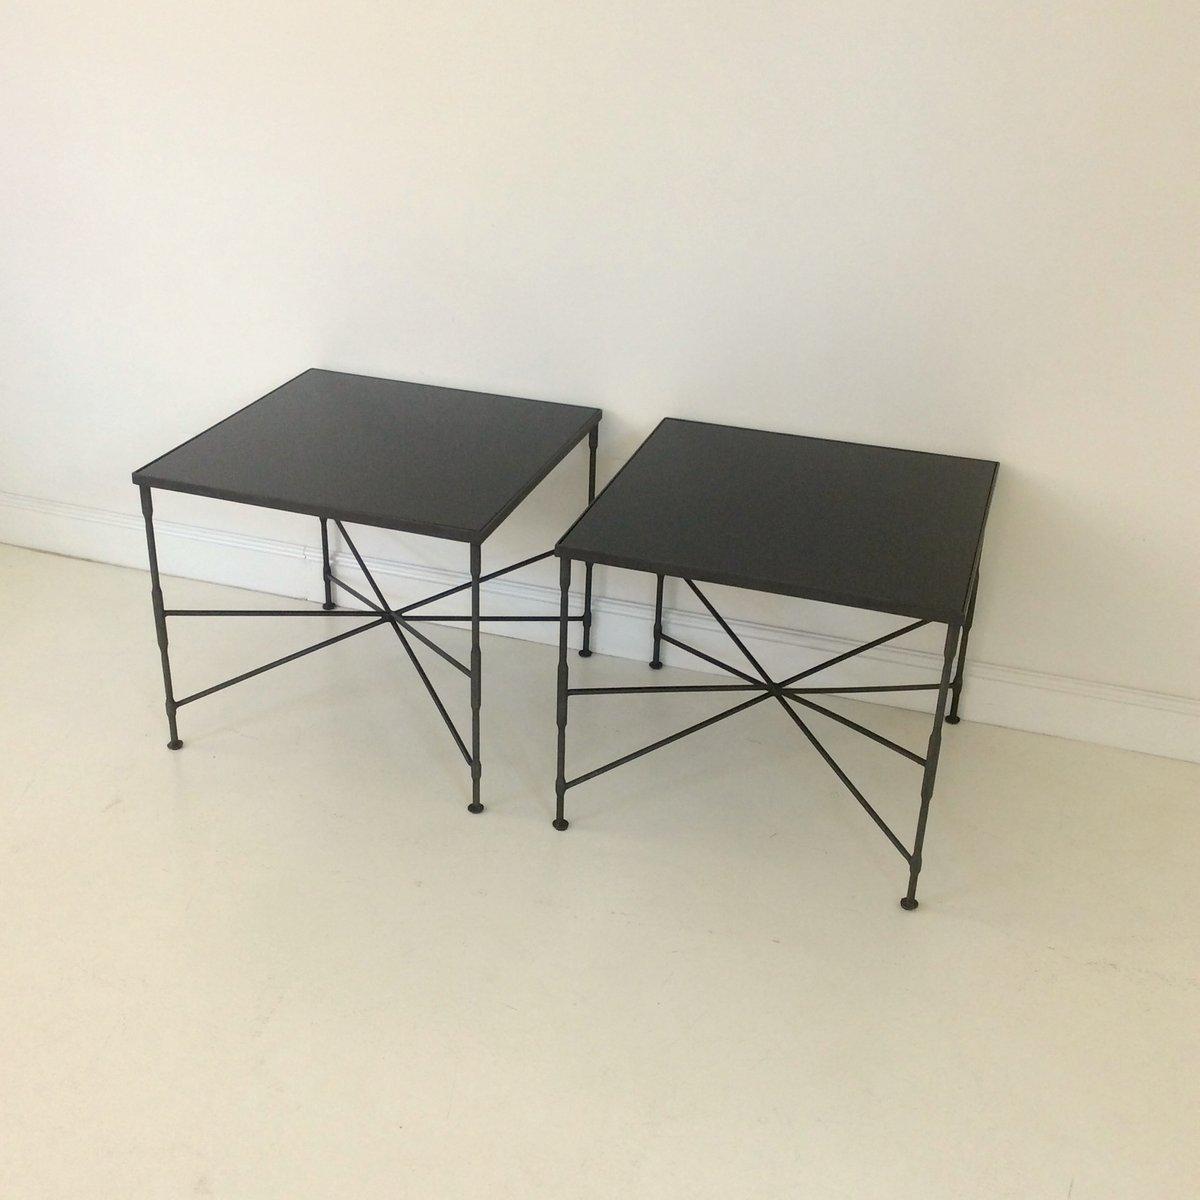 couchtische aus schwarzem metall 1970er 2er set bei. Black Bedroom Furniture Sets. Home Design Ideas